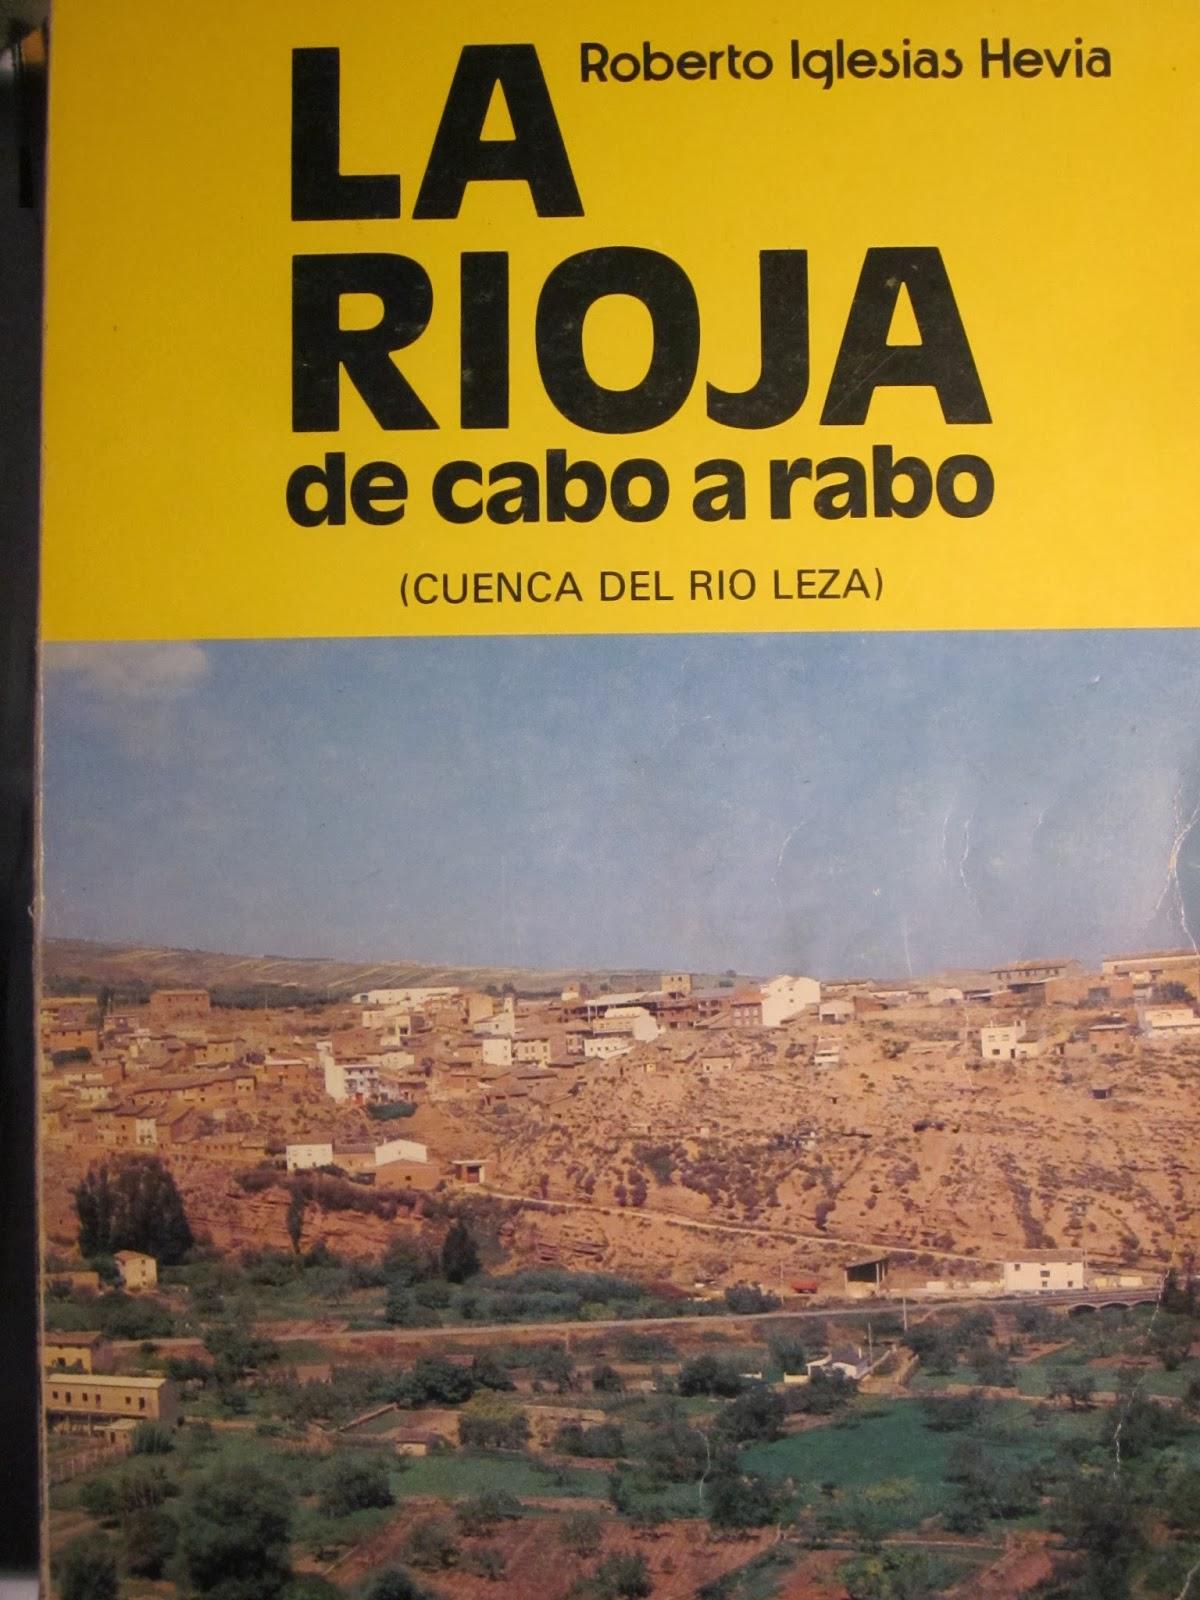 Roberto Iglesias Hevia, La Rioja de cabo a rabo. Tomo VII.